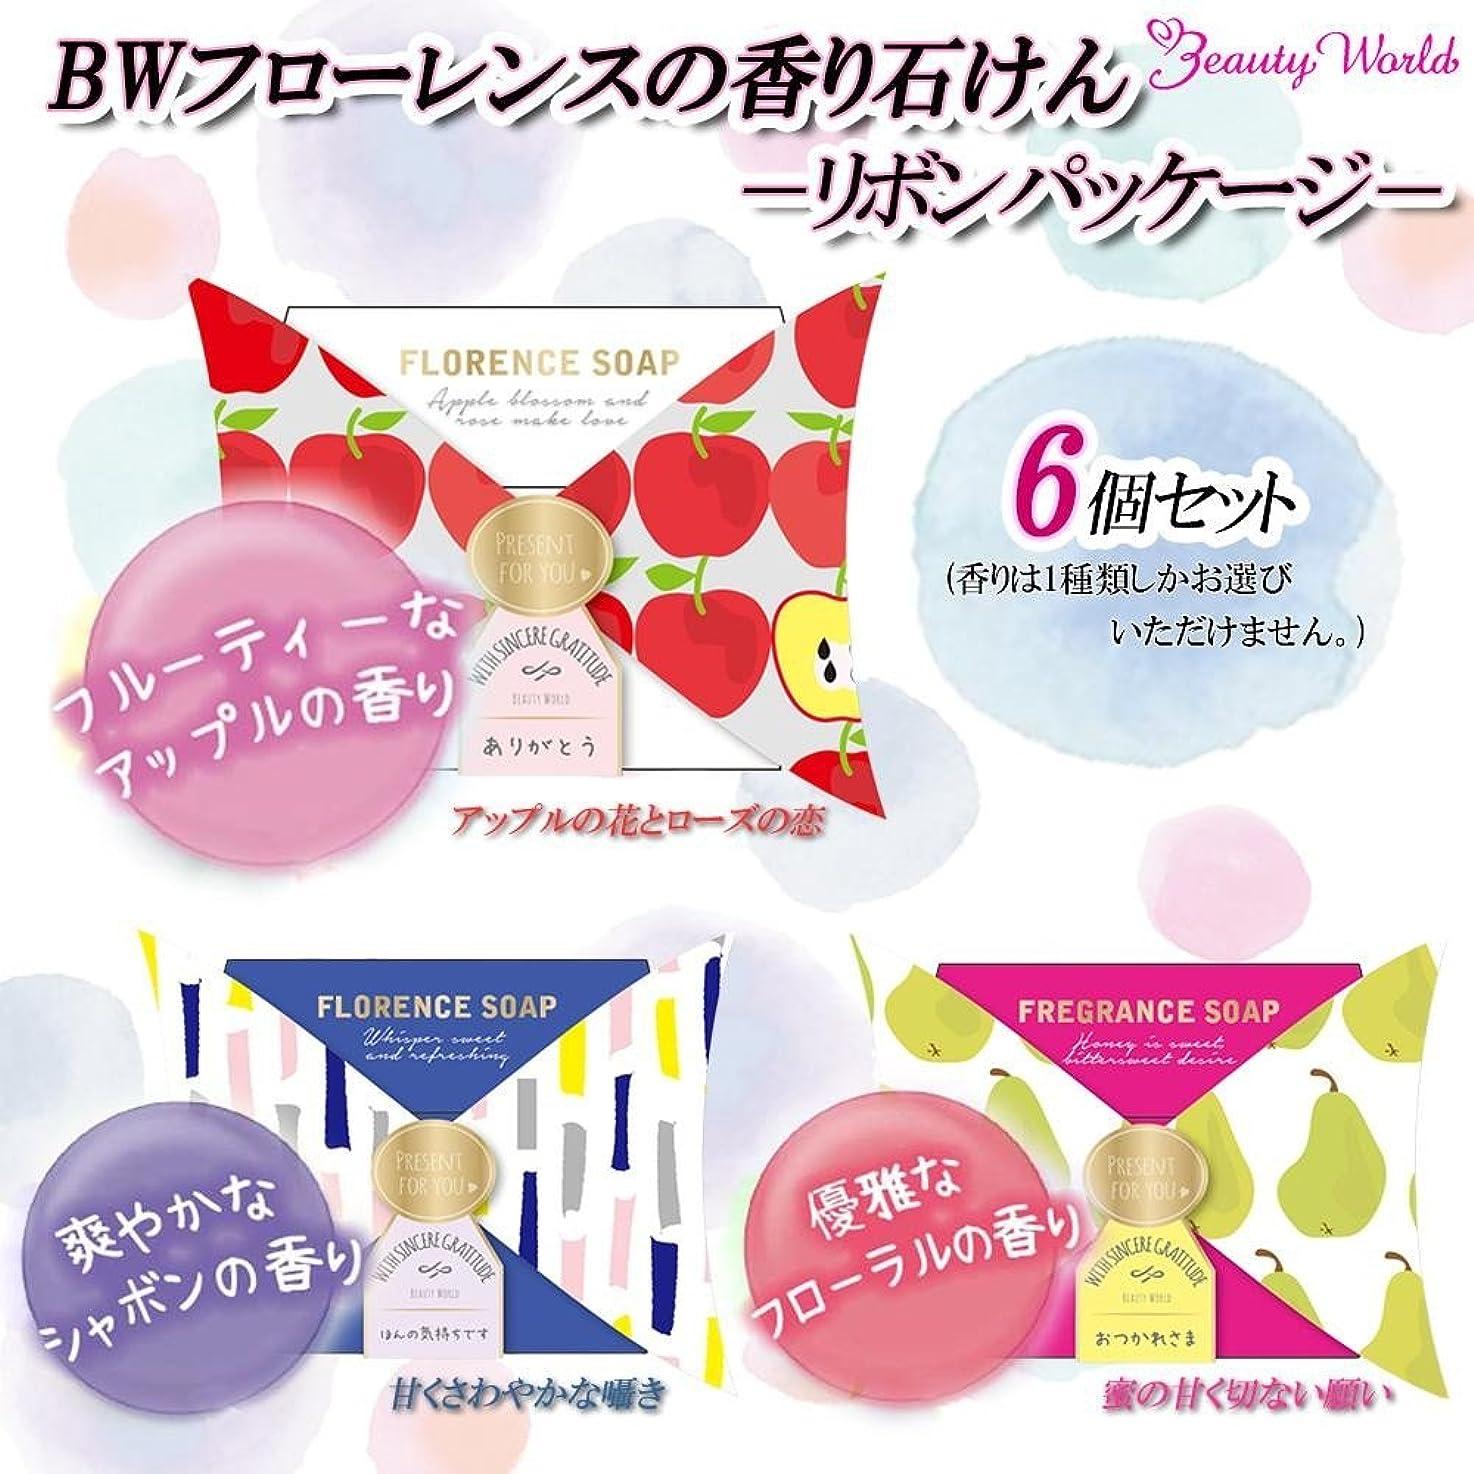 悪のブル古いビューティーワールド BWフローレンスの香り石けん リボンパッケージ 6個セット ■3種類の内「FSP386?蜜の甘く切ない願い」を1点のみです